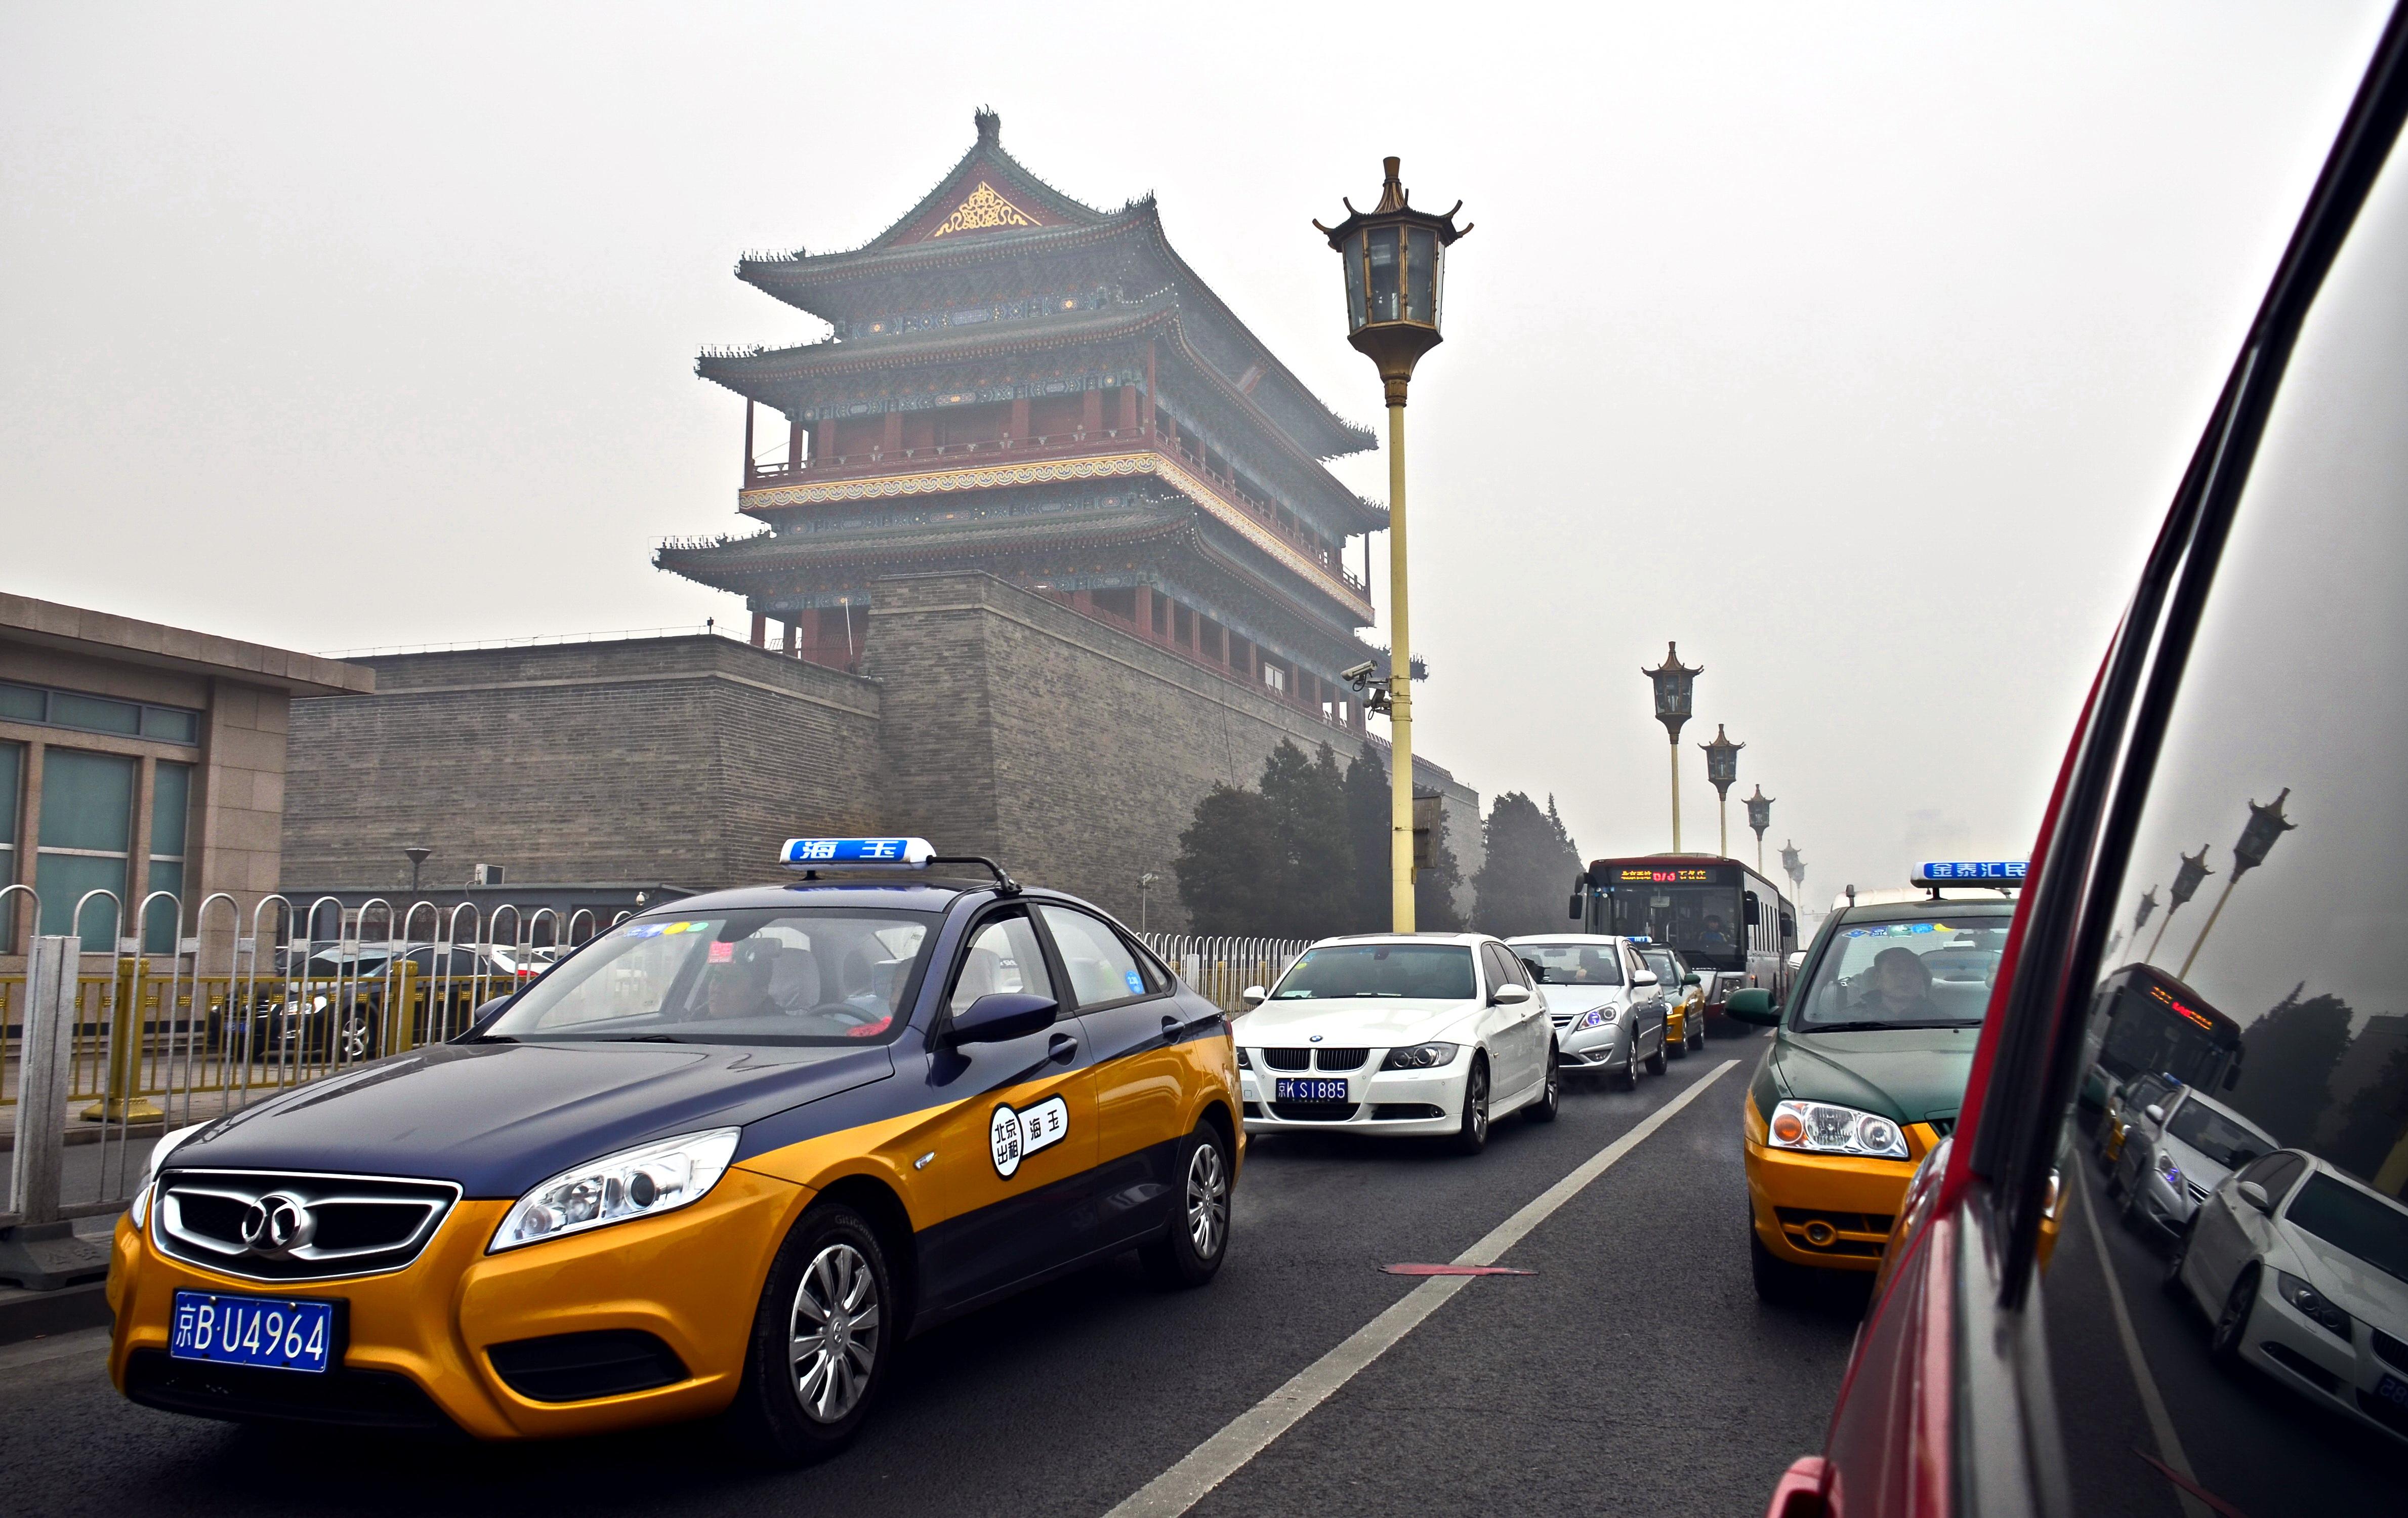 出租汽車行業是城市重要的窗口服務行業。攝影/章軻